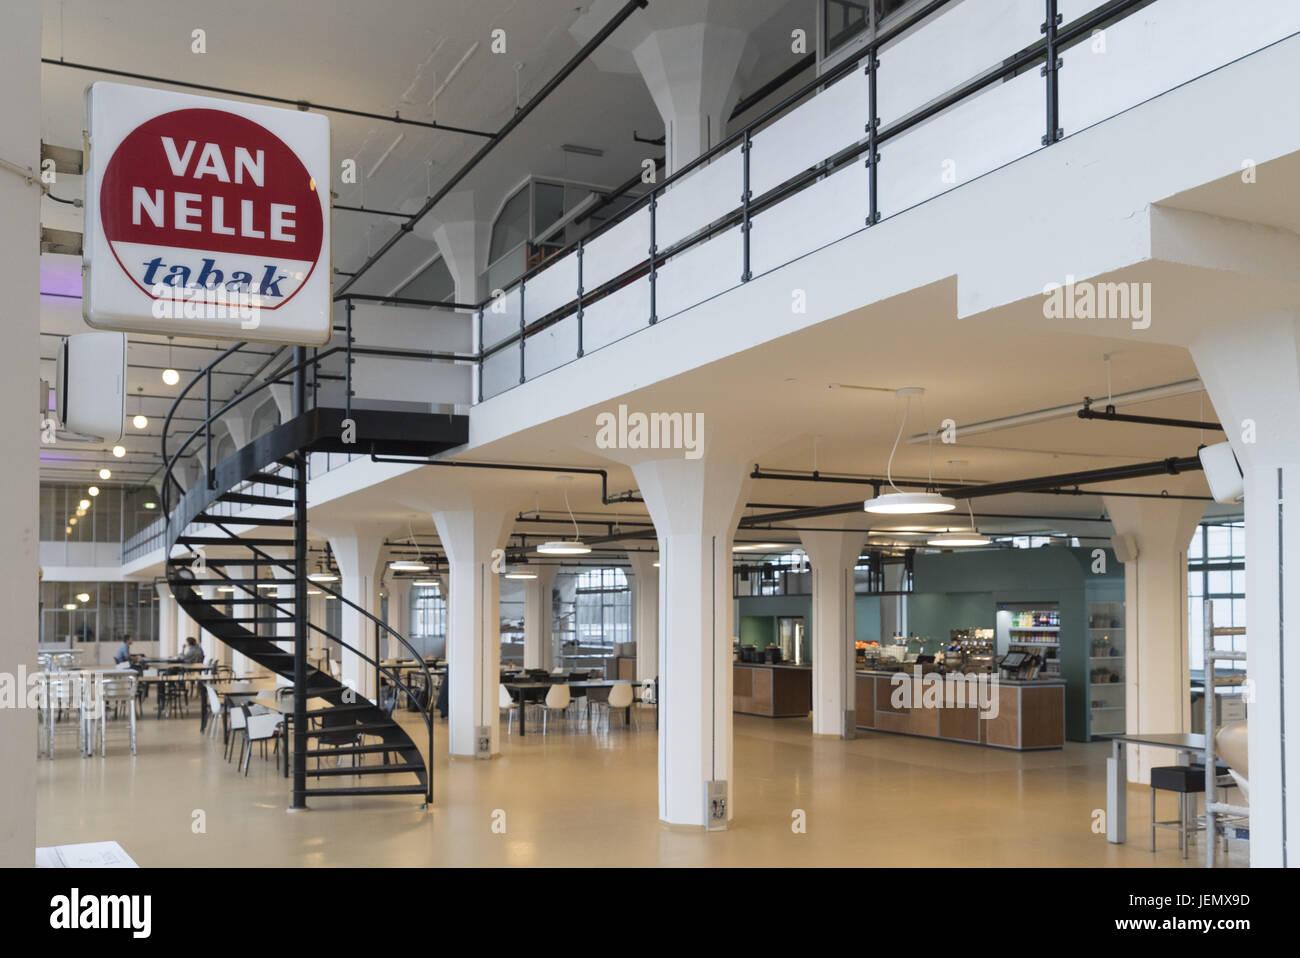 Weltkulturerbe Van Nelle Fabrik in Rotterdam. Stockbild